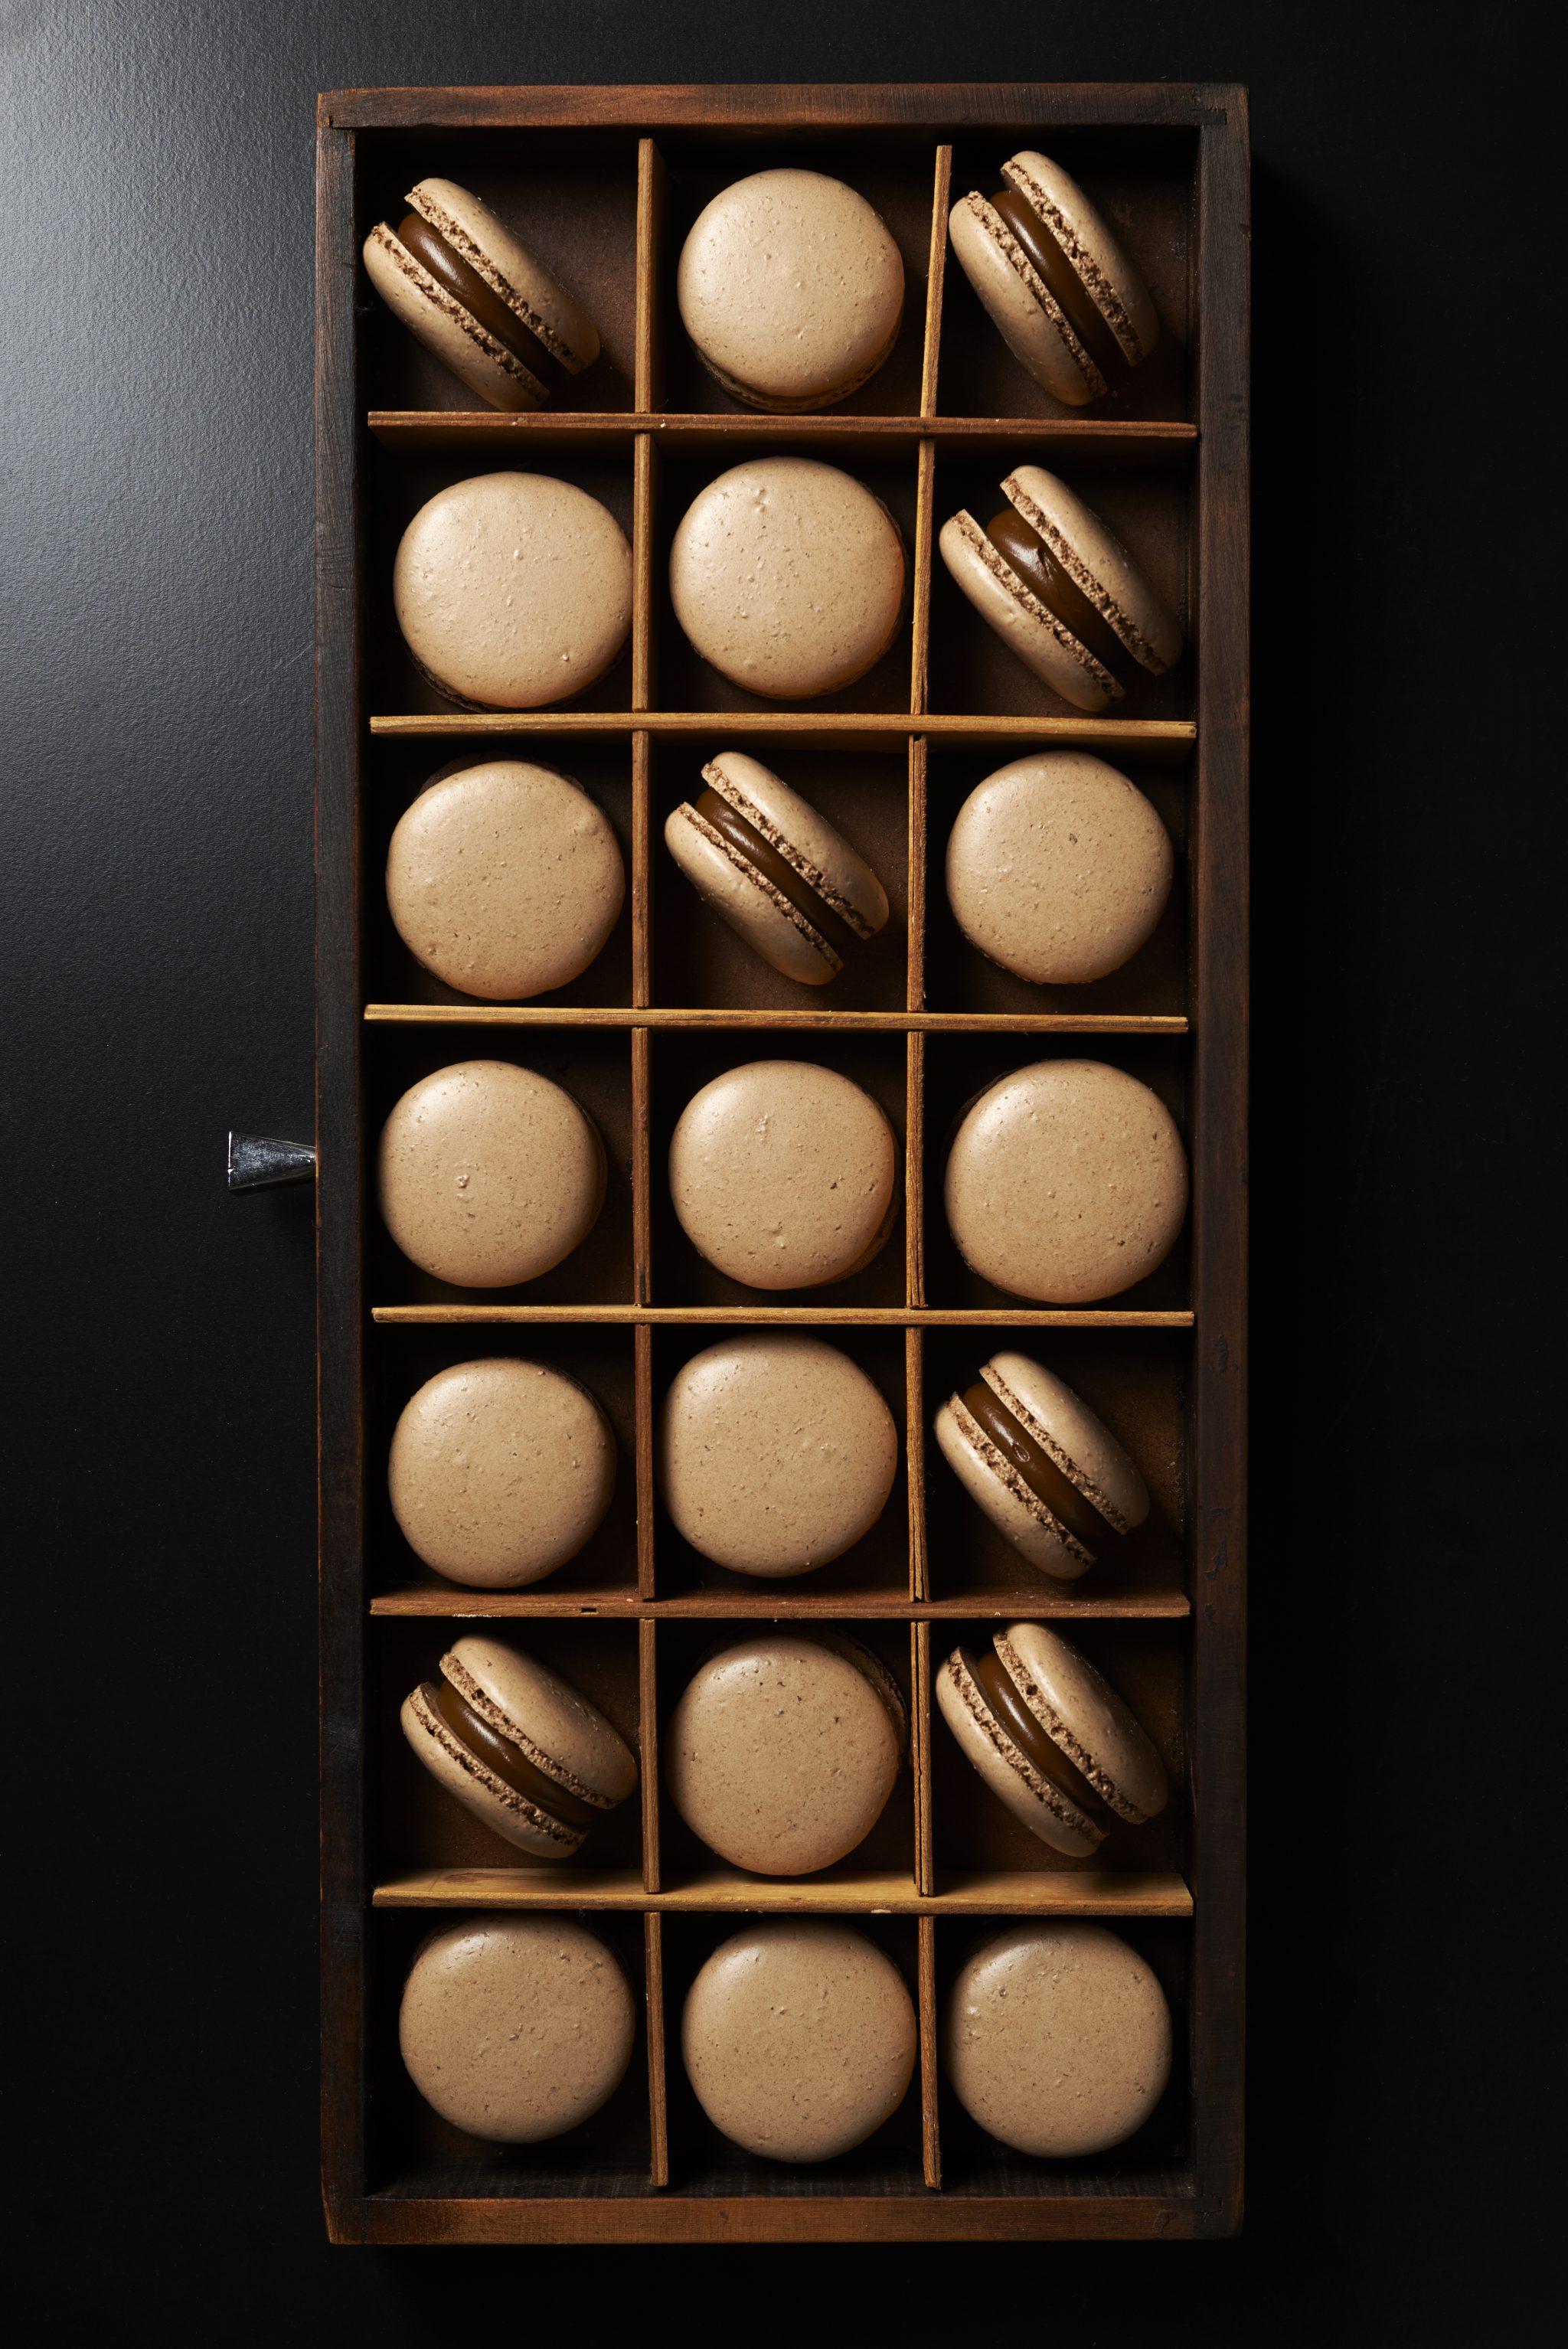 Macaron de cacao y dulce de leche